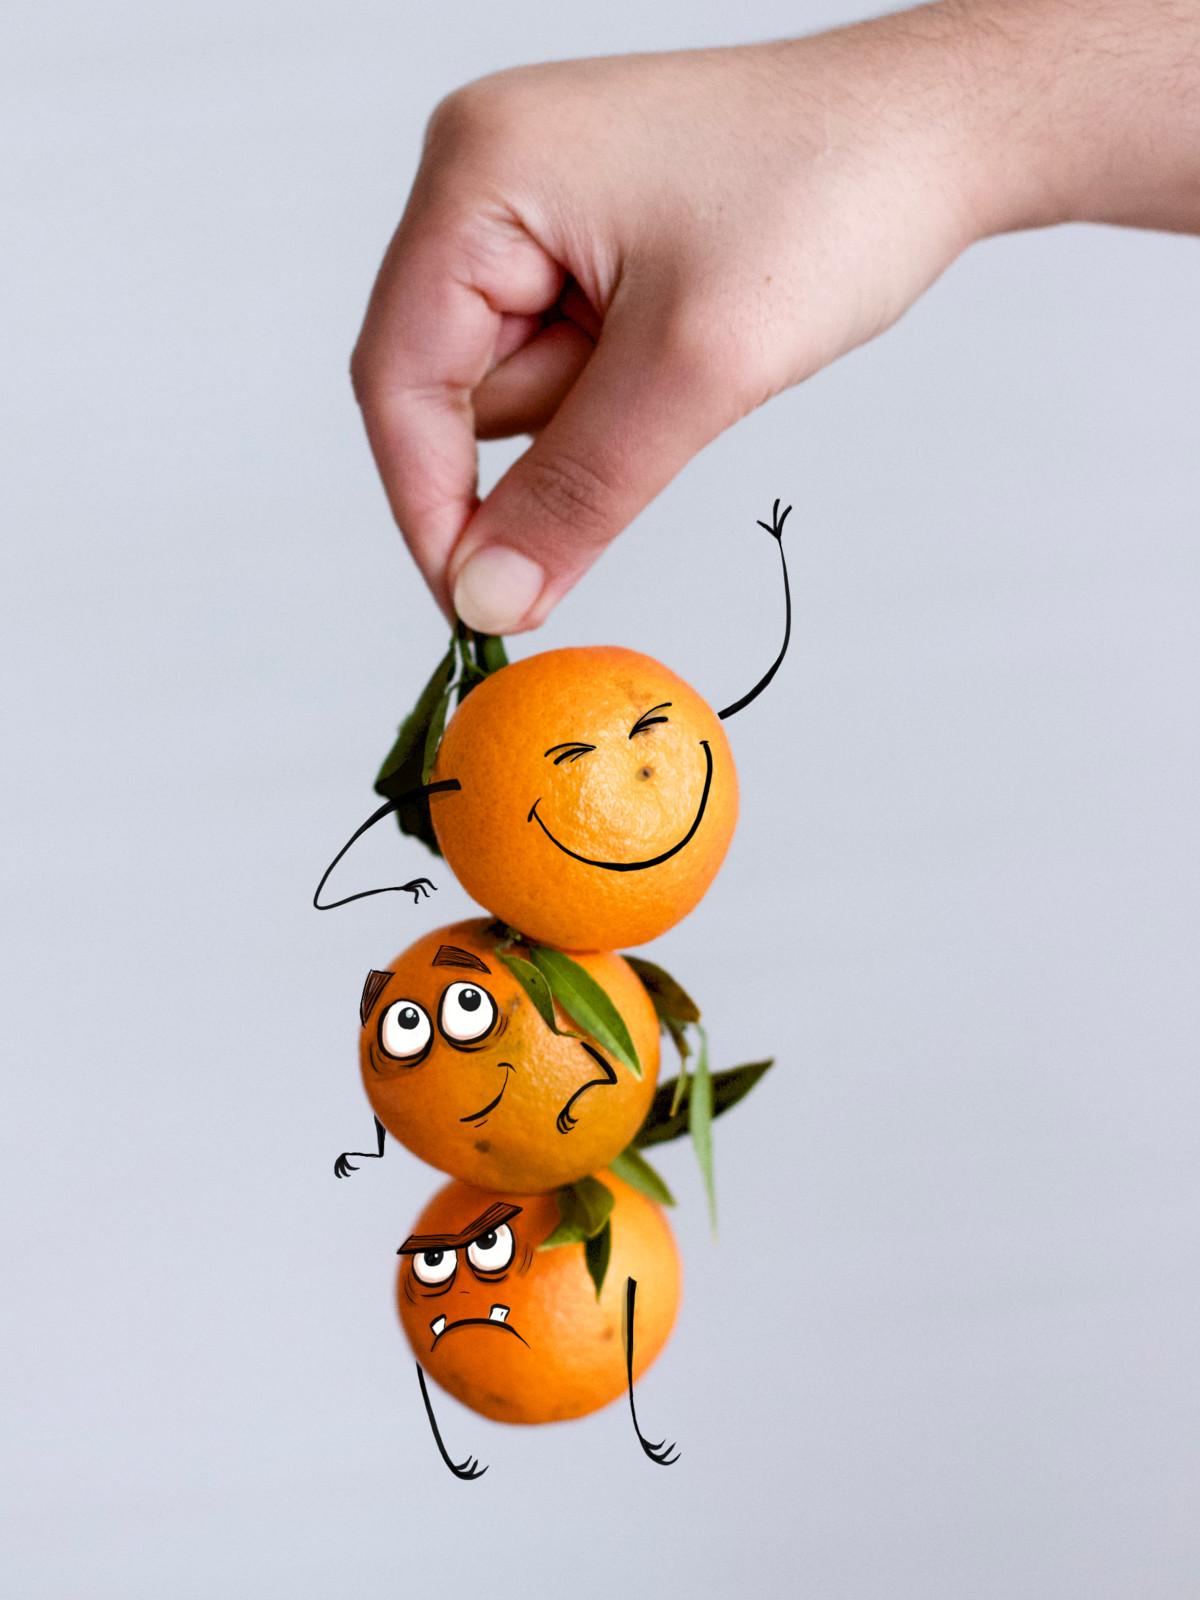 The Trio Orange-Creatures